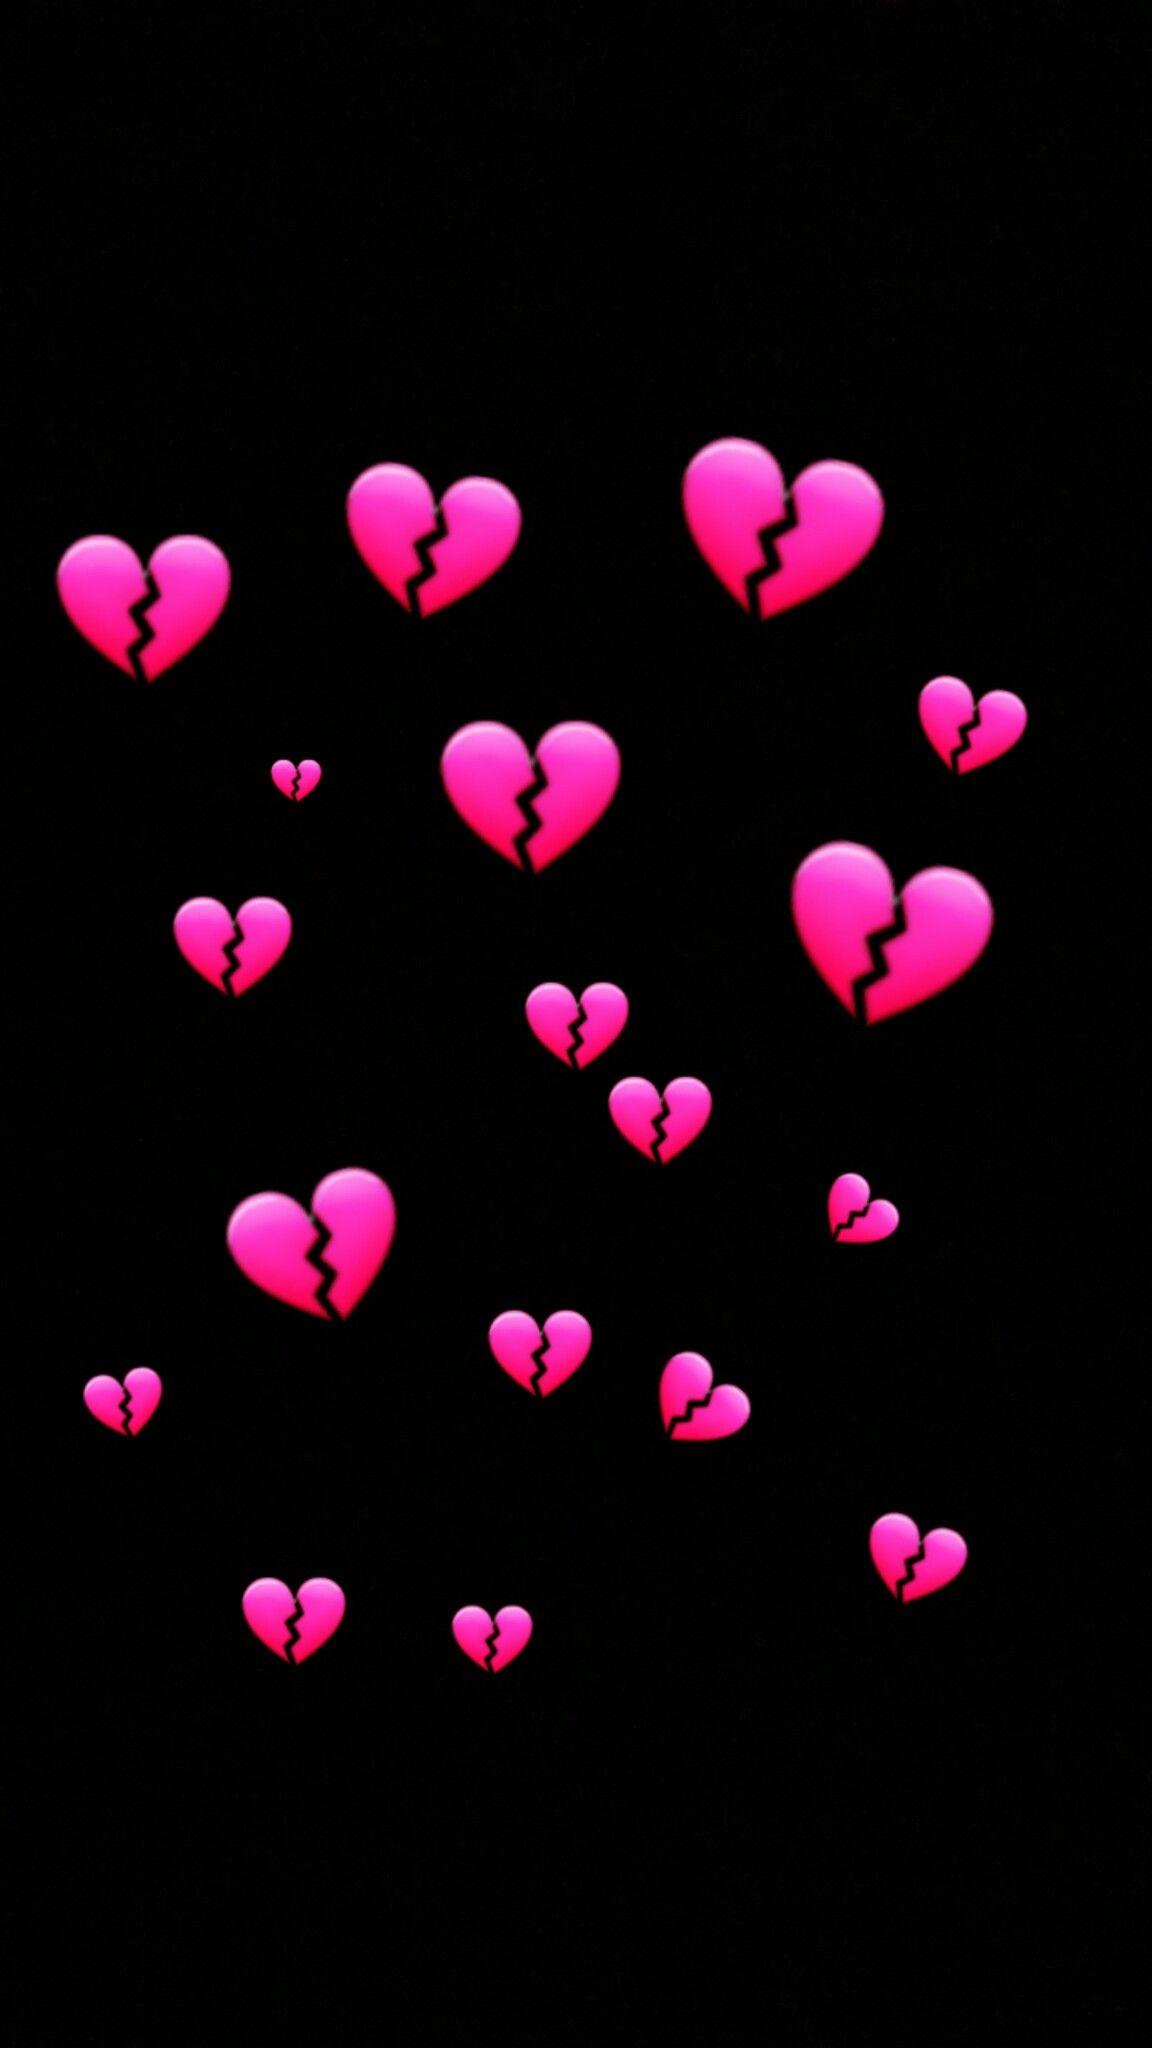 Wallpaper Heartbroke Emoji Wallpaper Heart Wallpaper Heart